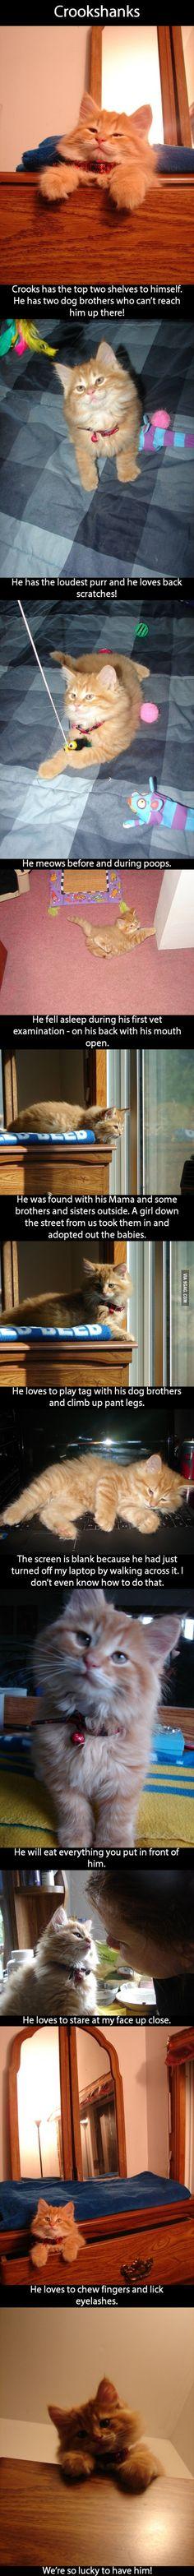 Crookshanks the kitten!